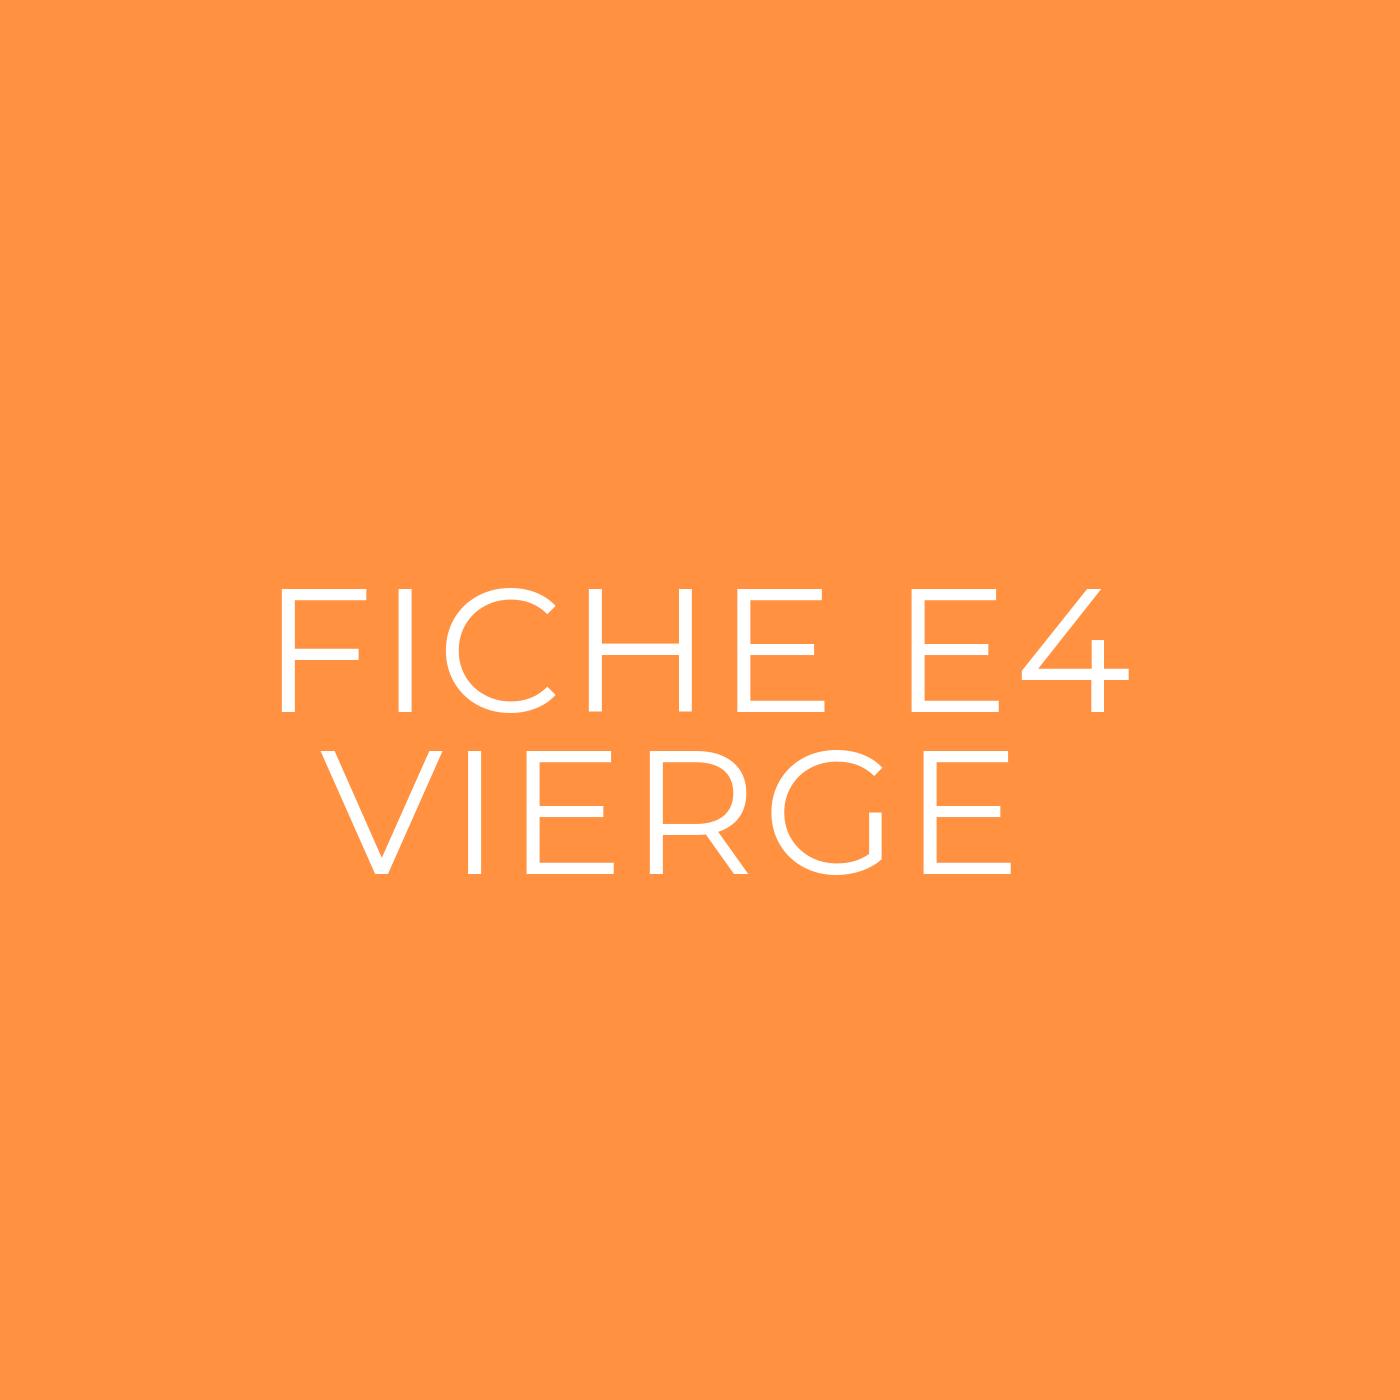 Fiche E4 vierge à télécharger